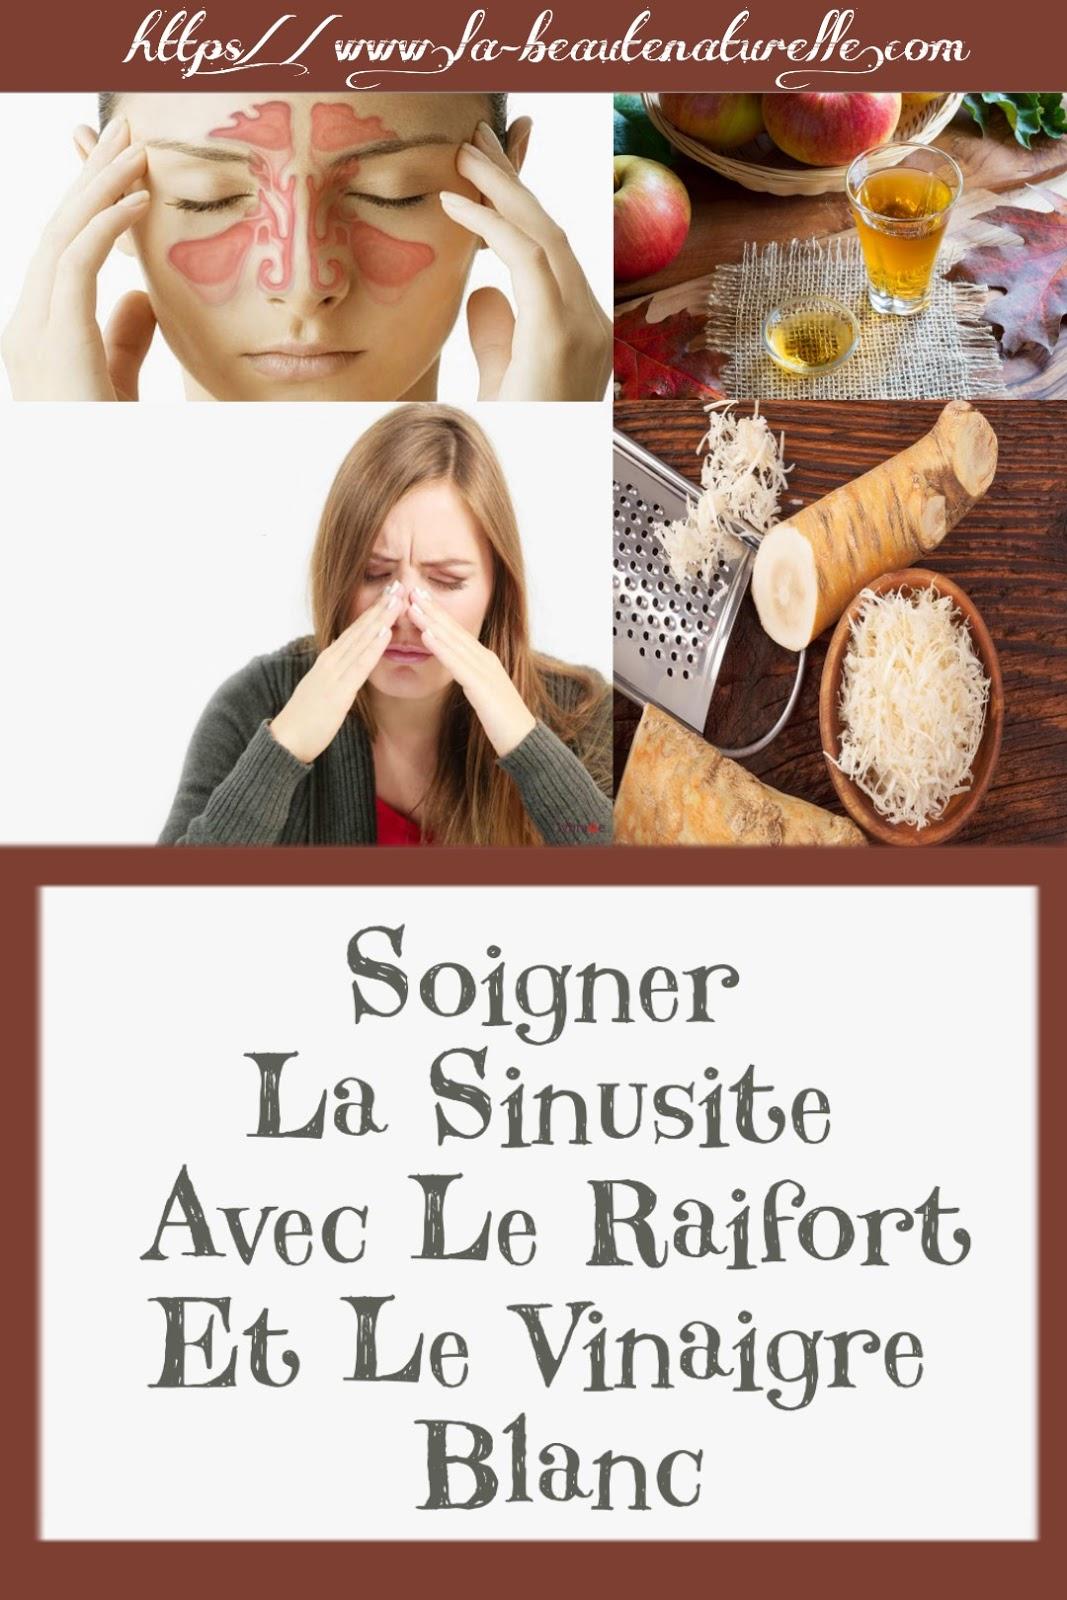 Soigner La Sinusite Avec Le Raifort Et Le Vinaigre Blanc